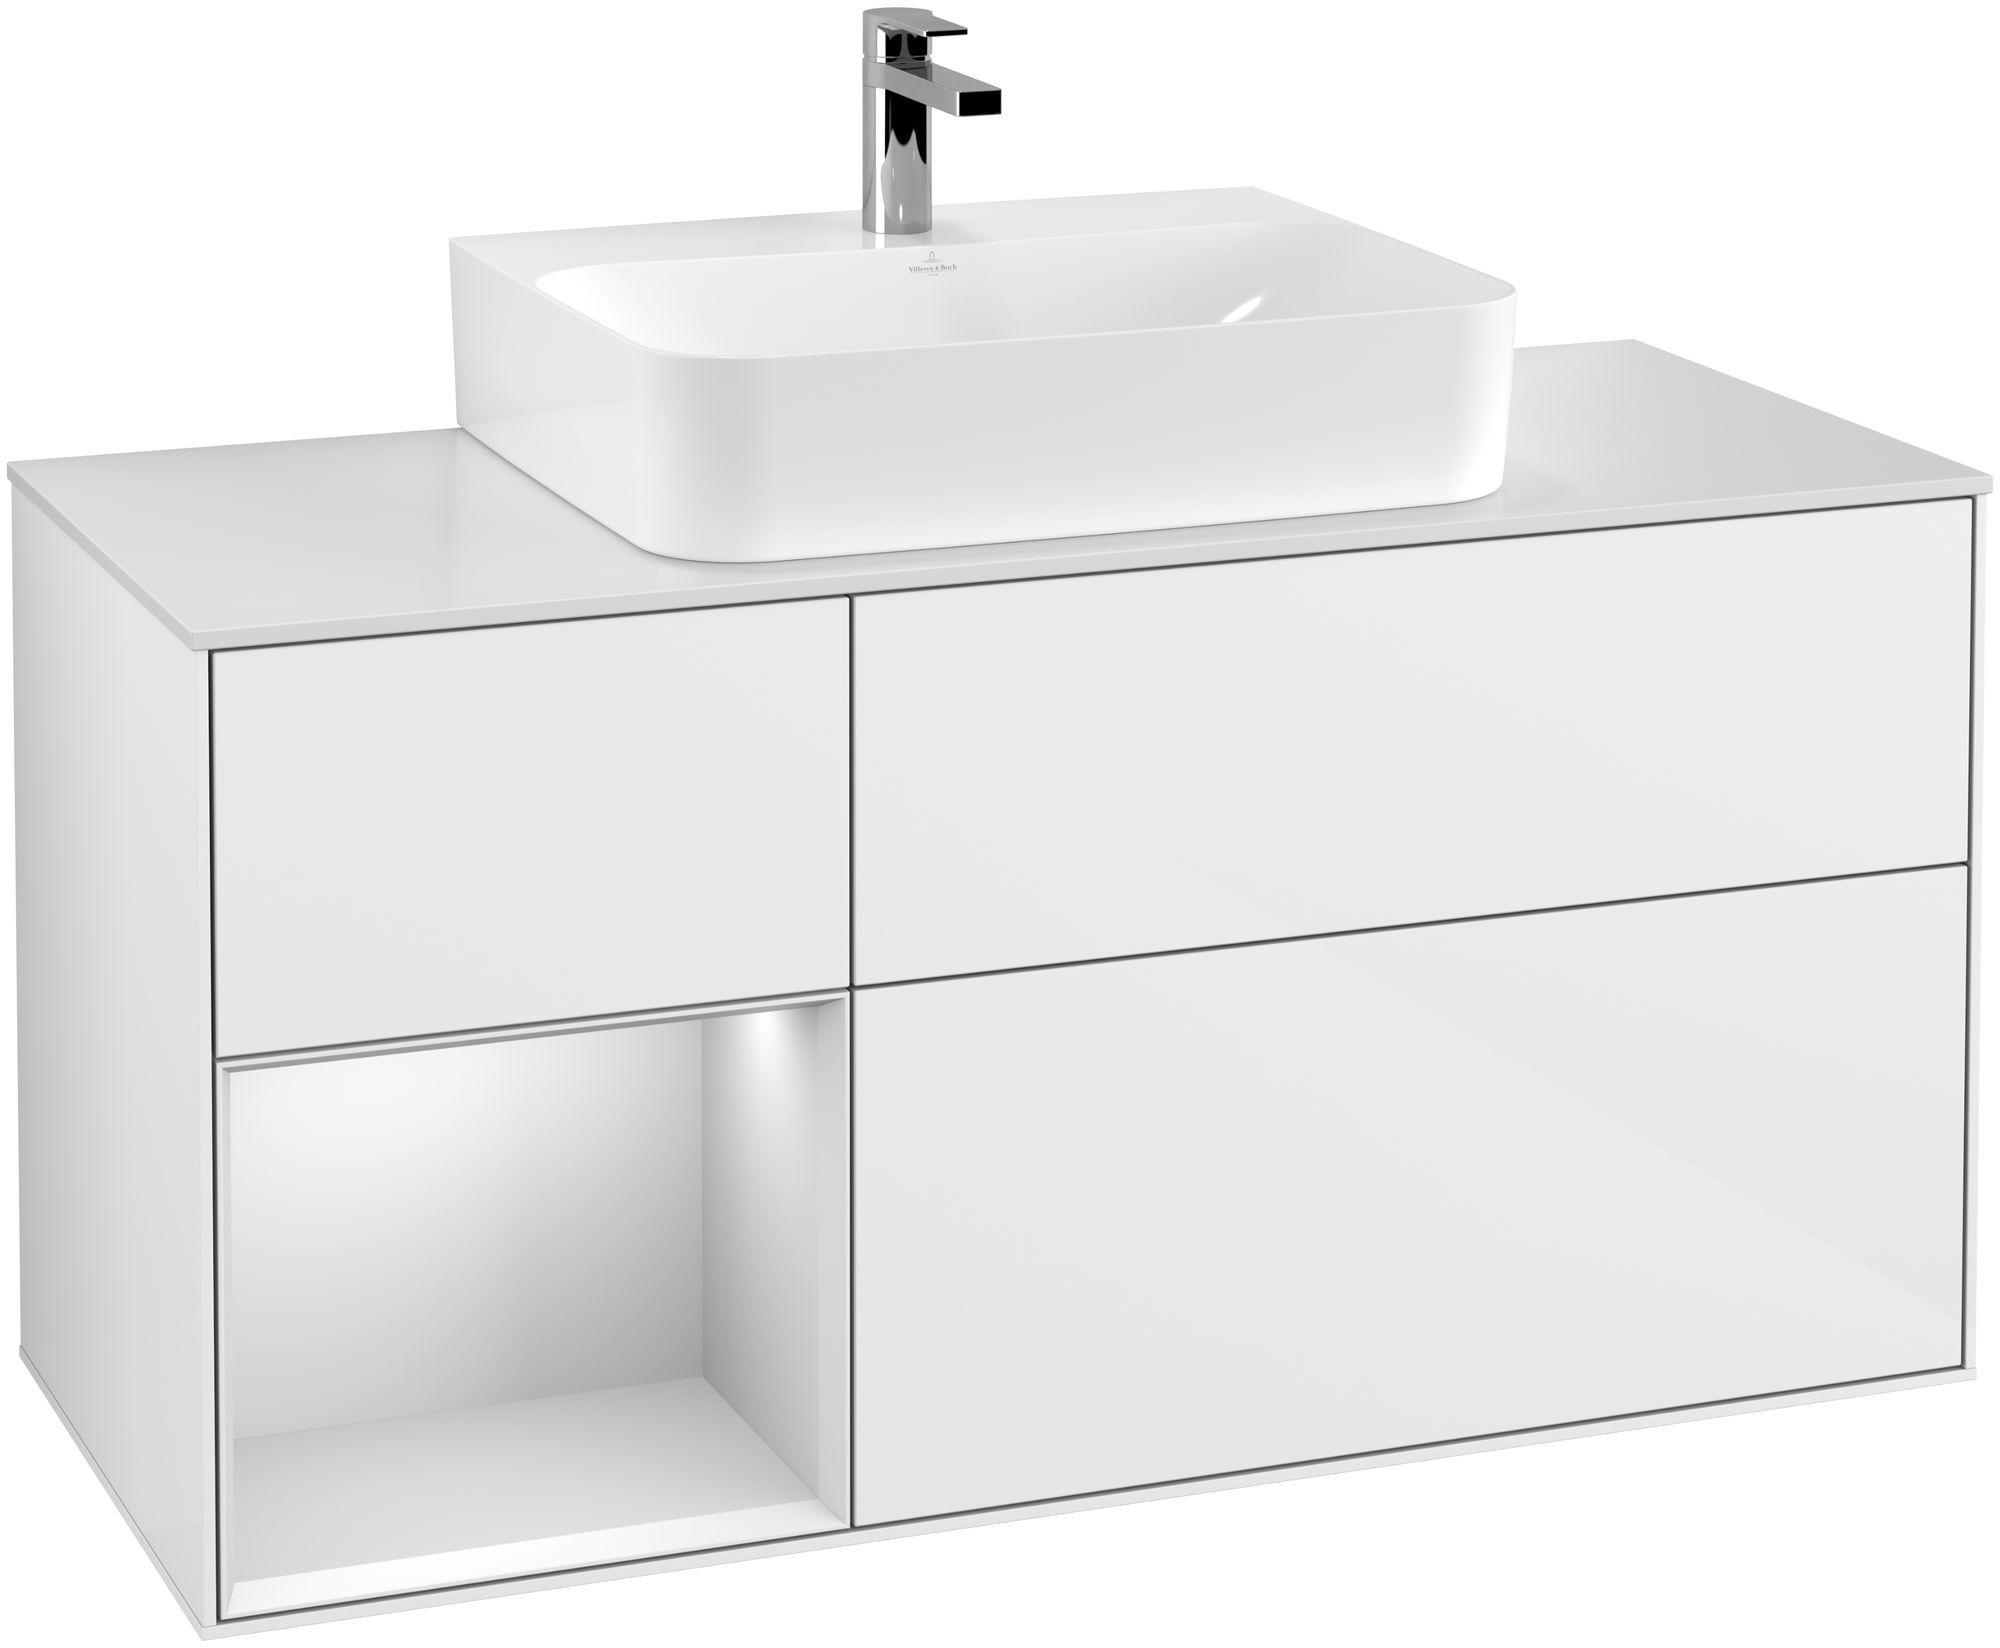 Villeroy & Boch Finion F16 Waschtischunterschrank mit Regalelement 3 Auszüge Waschtisch mittig LED-Beleuchtung B:120xH:60,3xT:50,1cm Front, Korpus: Glossy White Lack, Regal: Weiß Matt Soft Grey, Glasplatte: White Matt F161MTGF